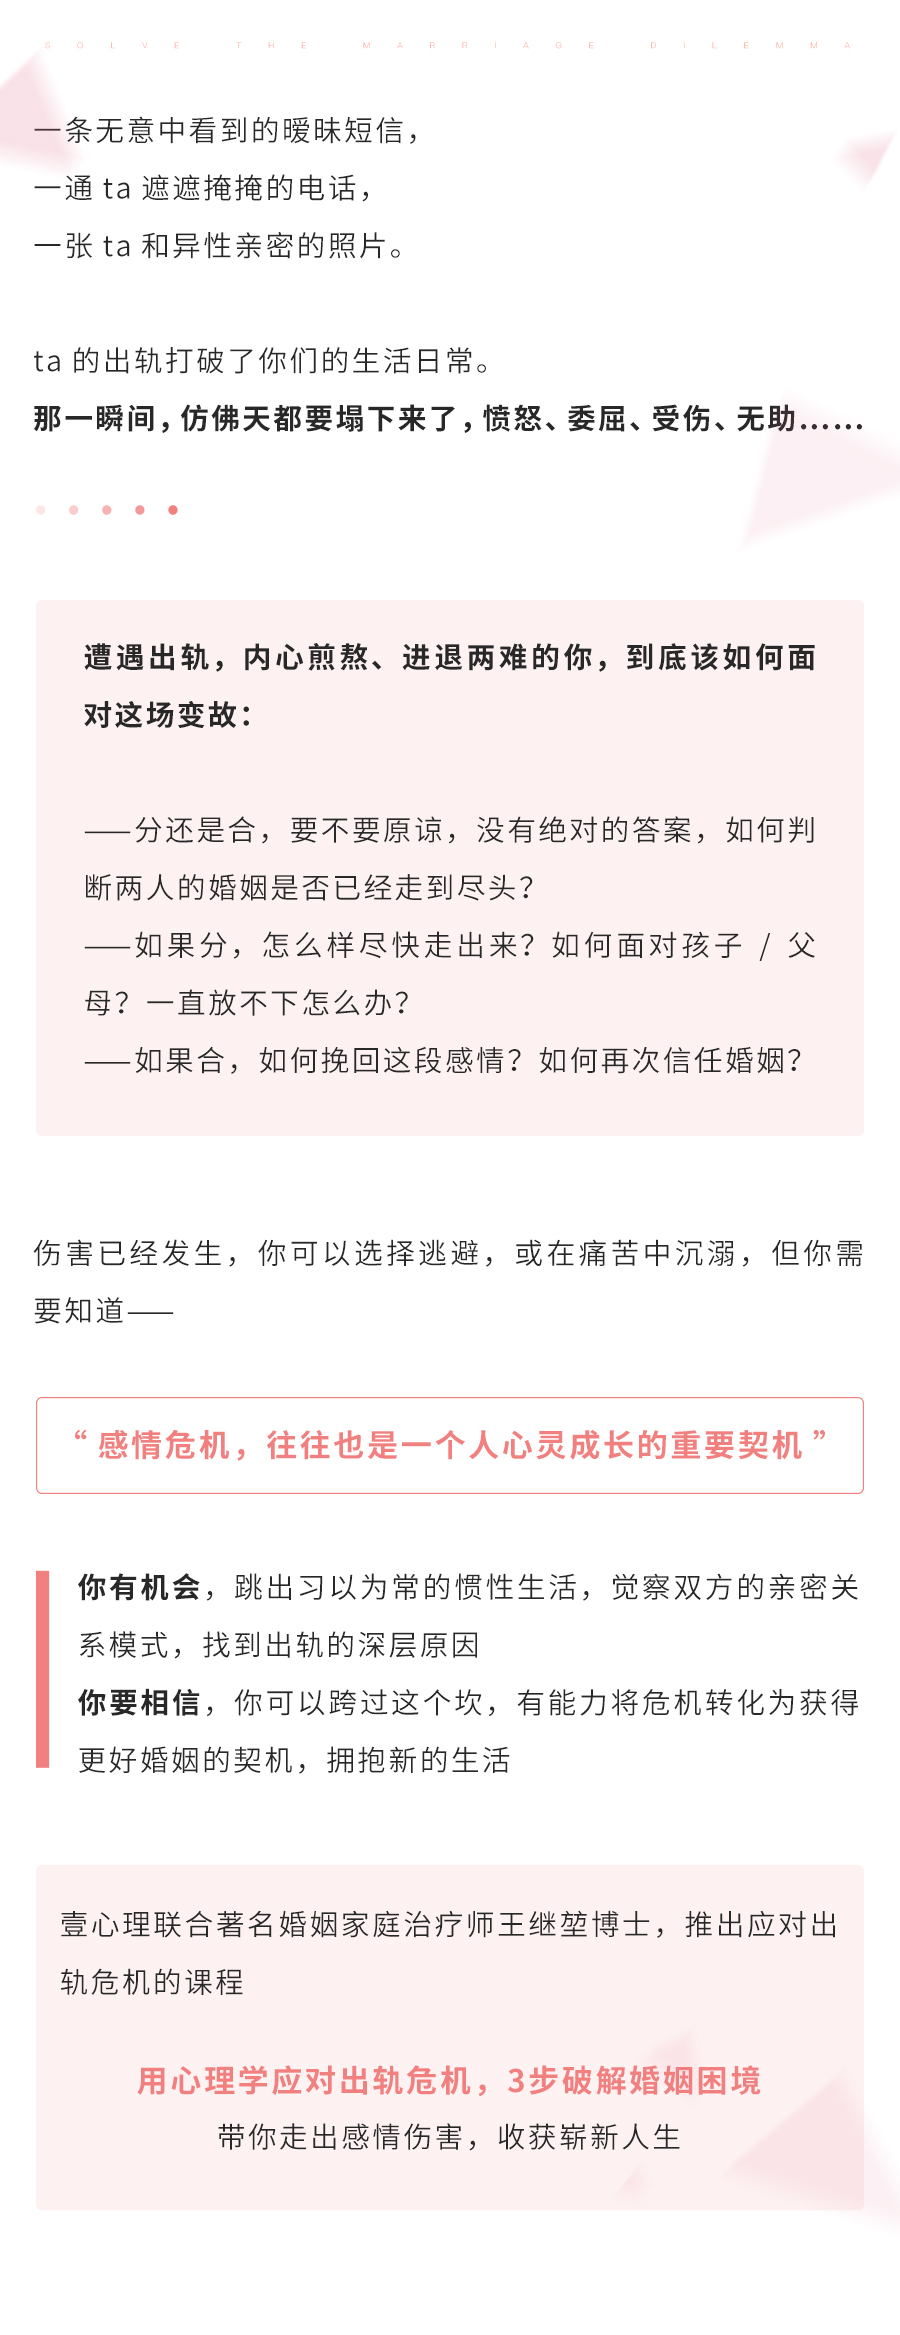 王继堃:用心理学应对出轨危机,3步破解婚姻困境